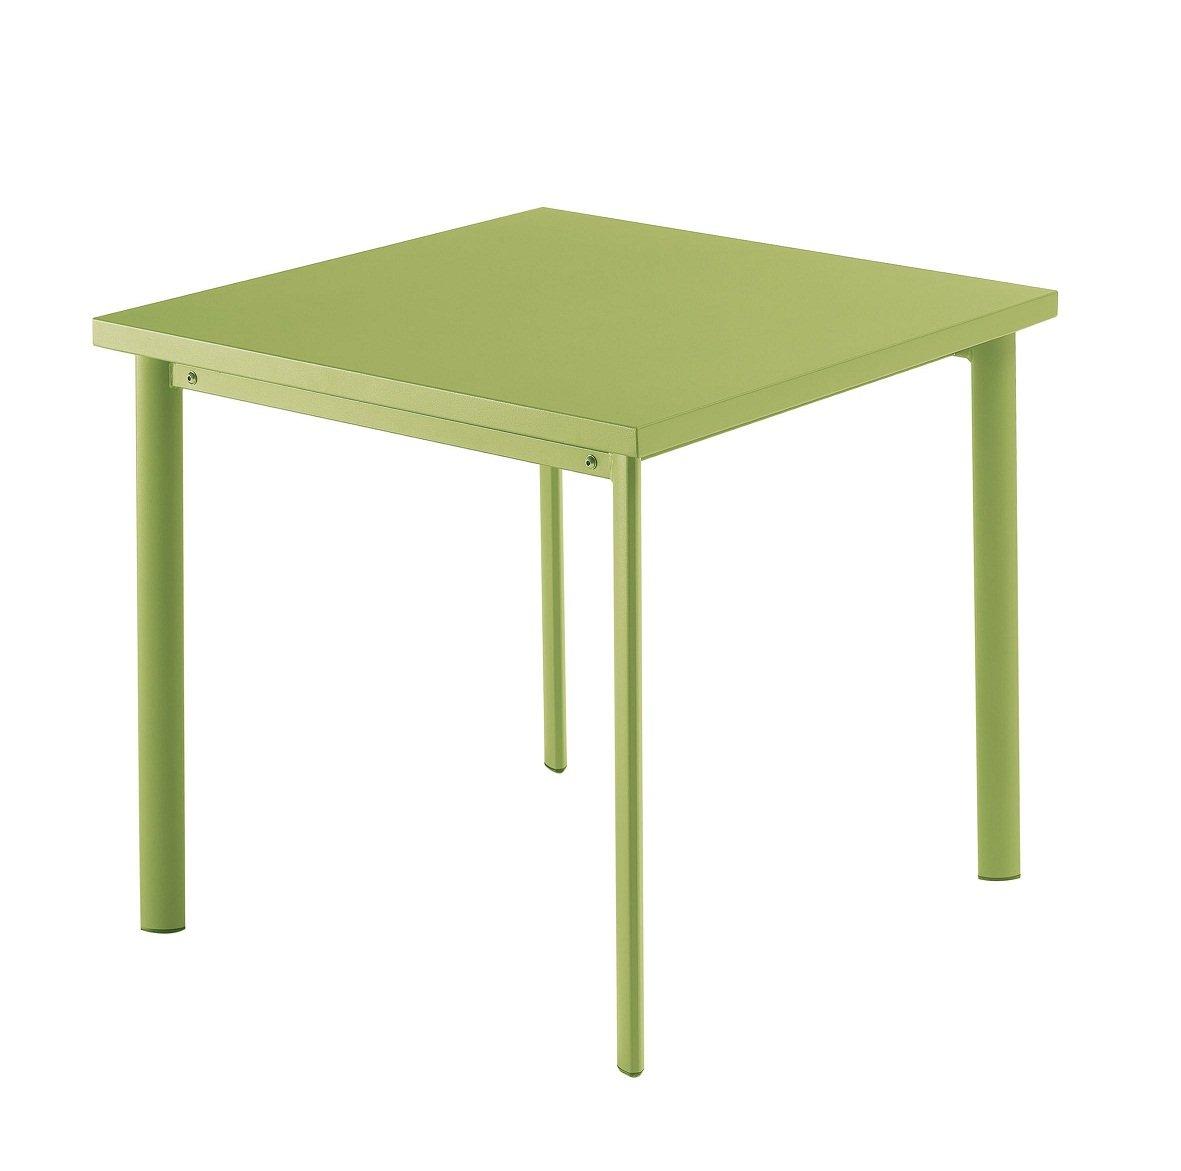 Emu 303056000 Star Tisch 305, 70 x 70 cm, pulverbeschichteter Stahl, grün